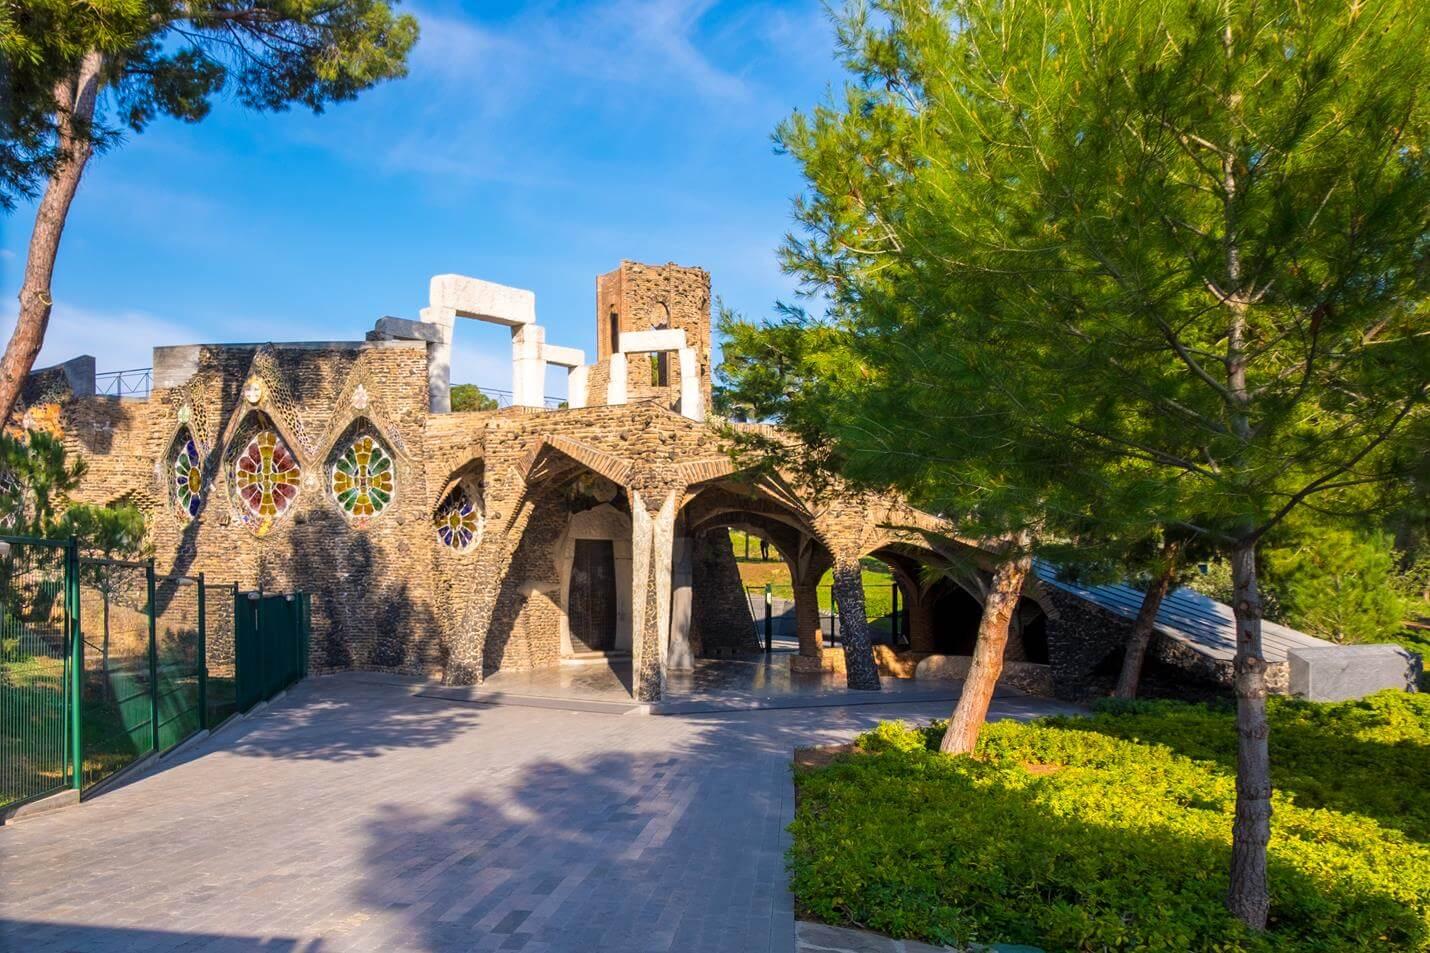 Colonia Güell & Cripta Gaudí Barcelona - Top